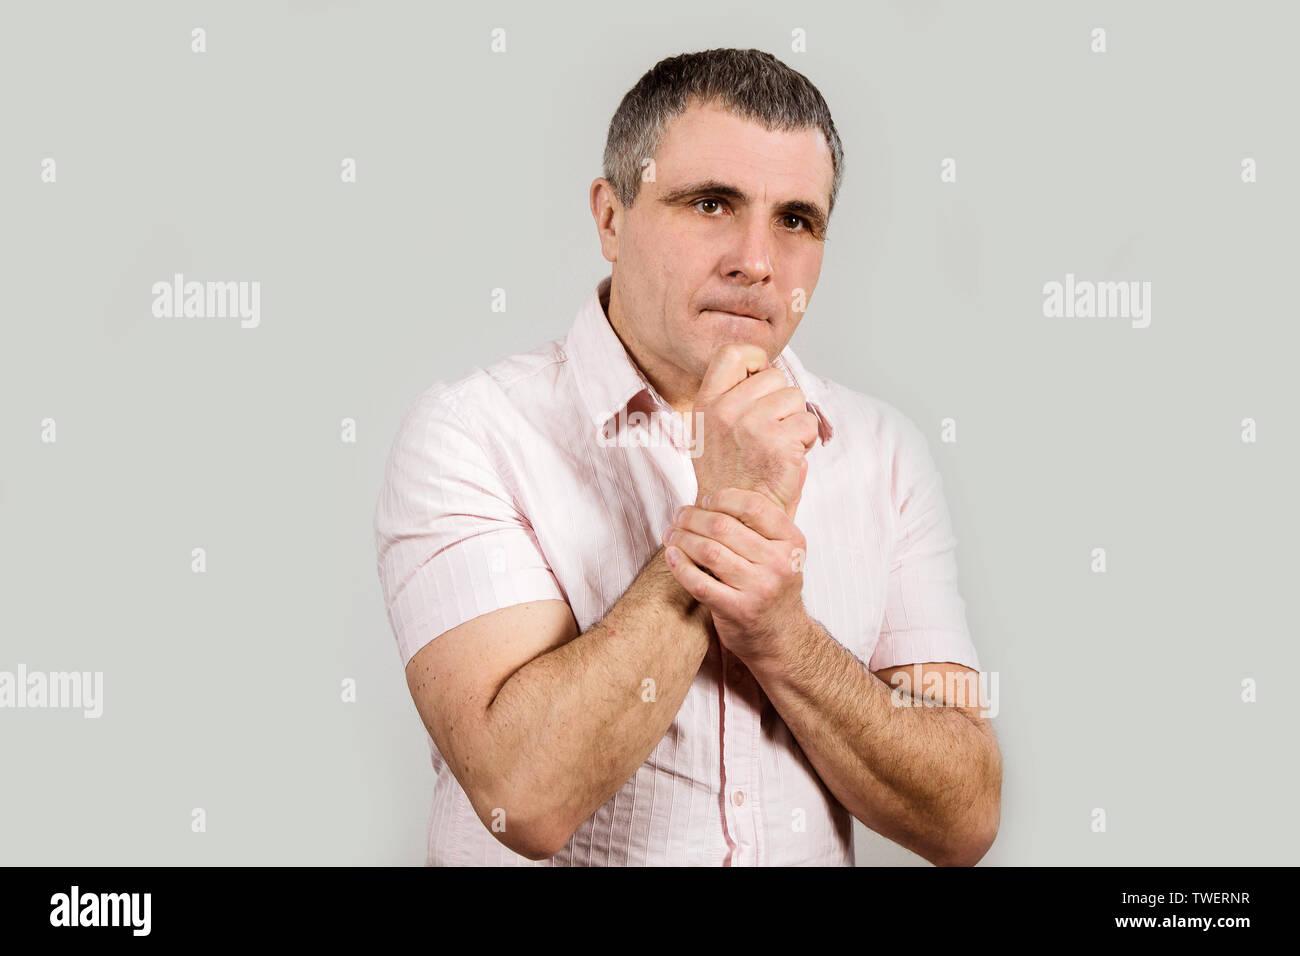 Ein Mann in einem hellen Hemd auf einem weißen Hintergrund. Gefühl von Unverständnis, Aggression, kämpfen will, das Böse, Kriminelle. Stockbild